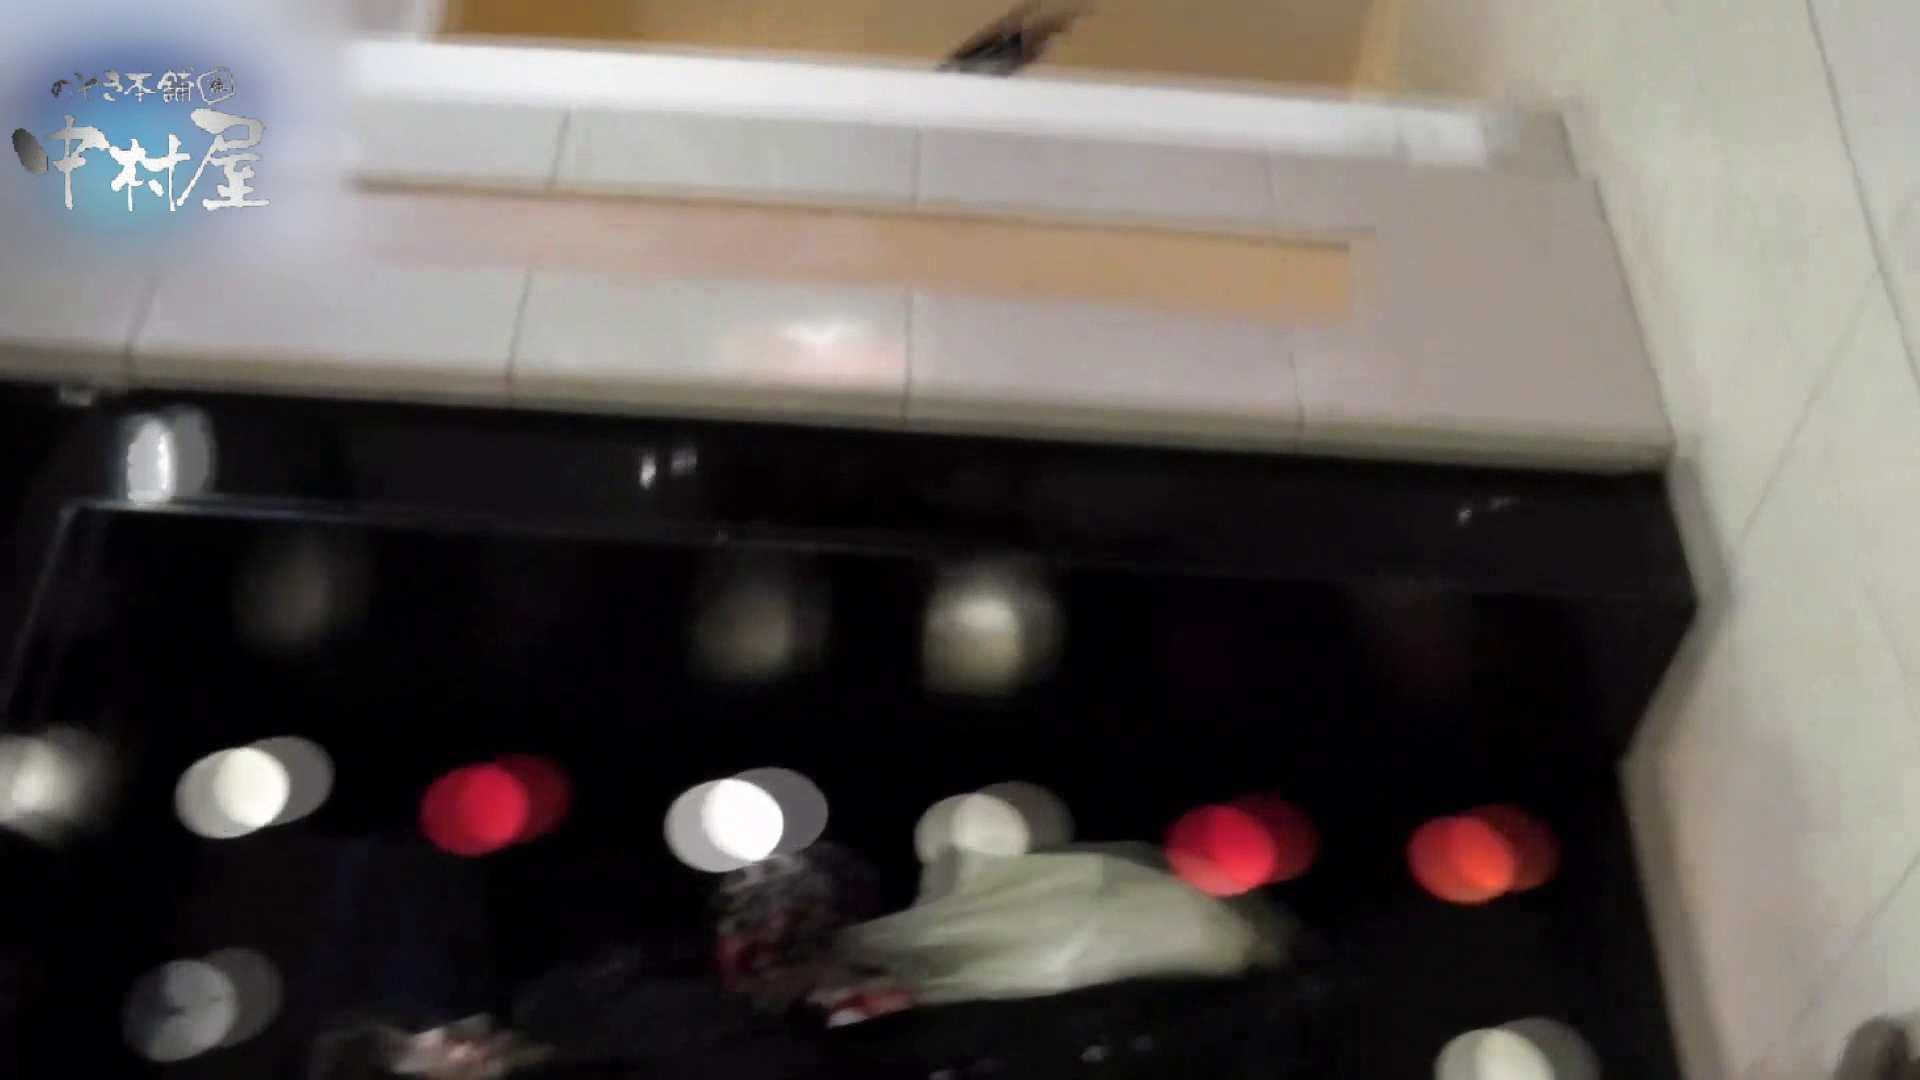 乙女集まる!ショッピングモール潜入撮vol.02 乙女 ワレメ無修正動画無料 76連発 75